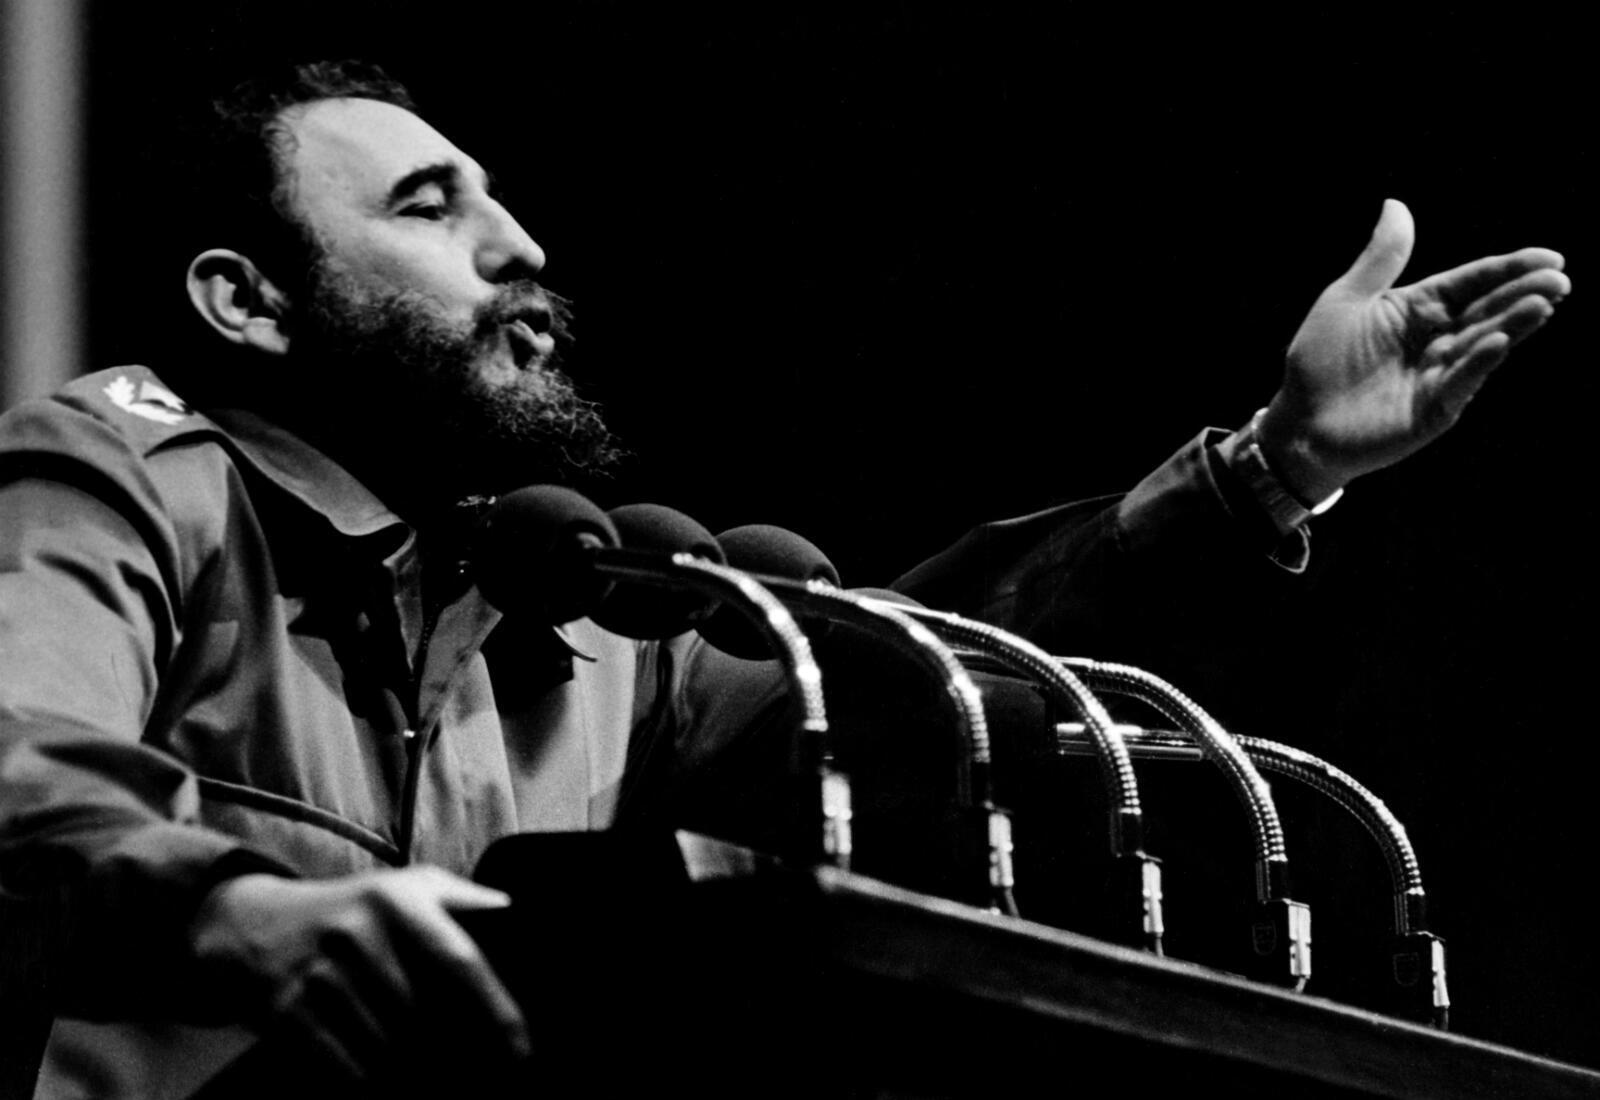 Fidel Castro, le père de la révolution cubaine, qui a dirigé son pays d'une main de fer et défié la superpuissance américaine pendant plus d'un demi-siècle a rendu les armes le 25 novembre 2016.